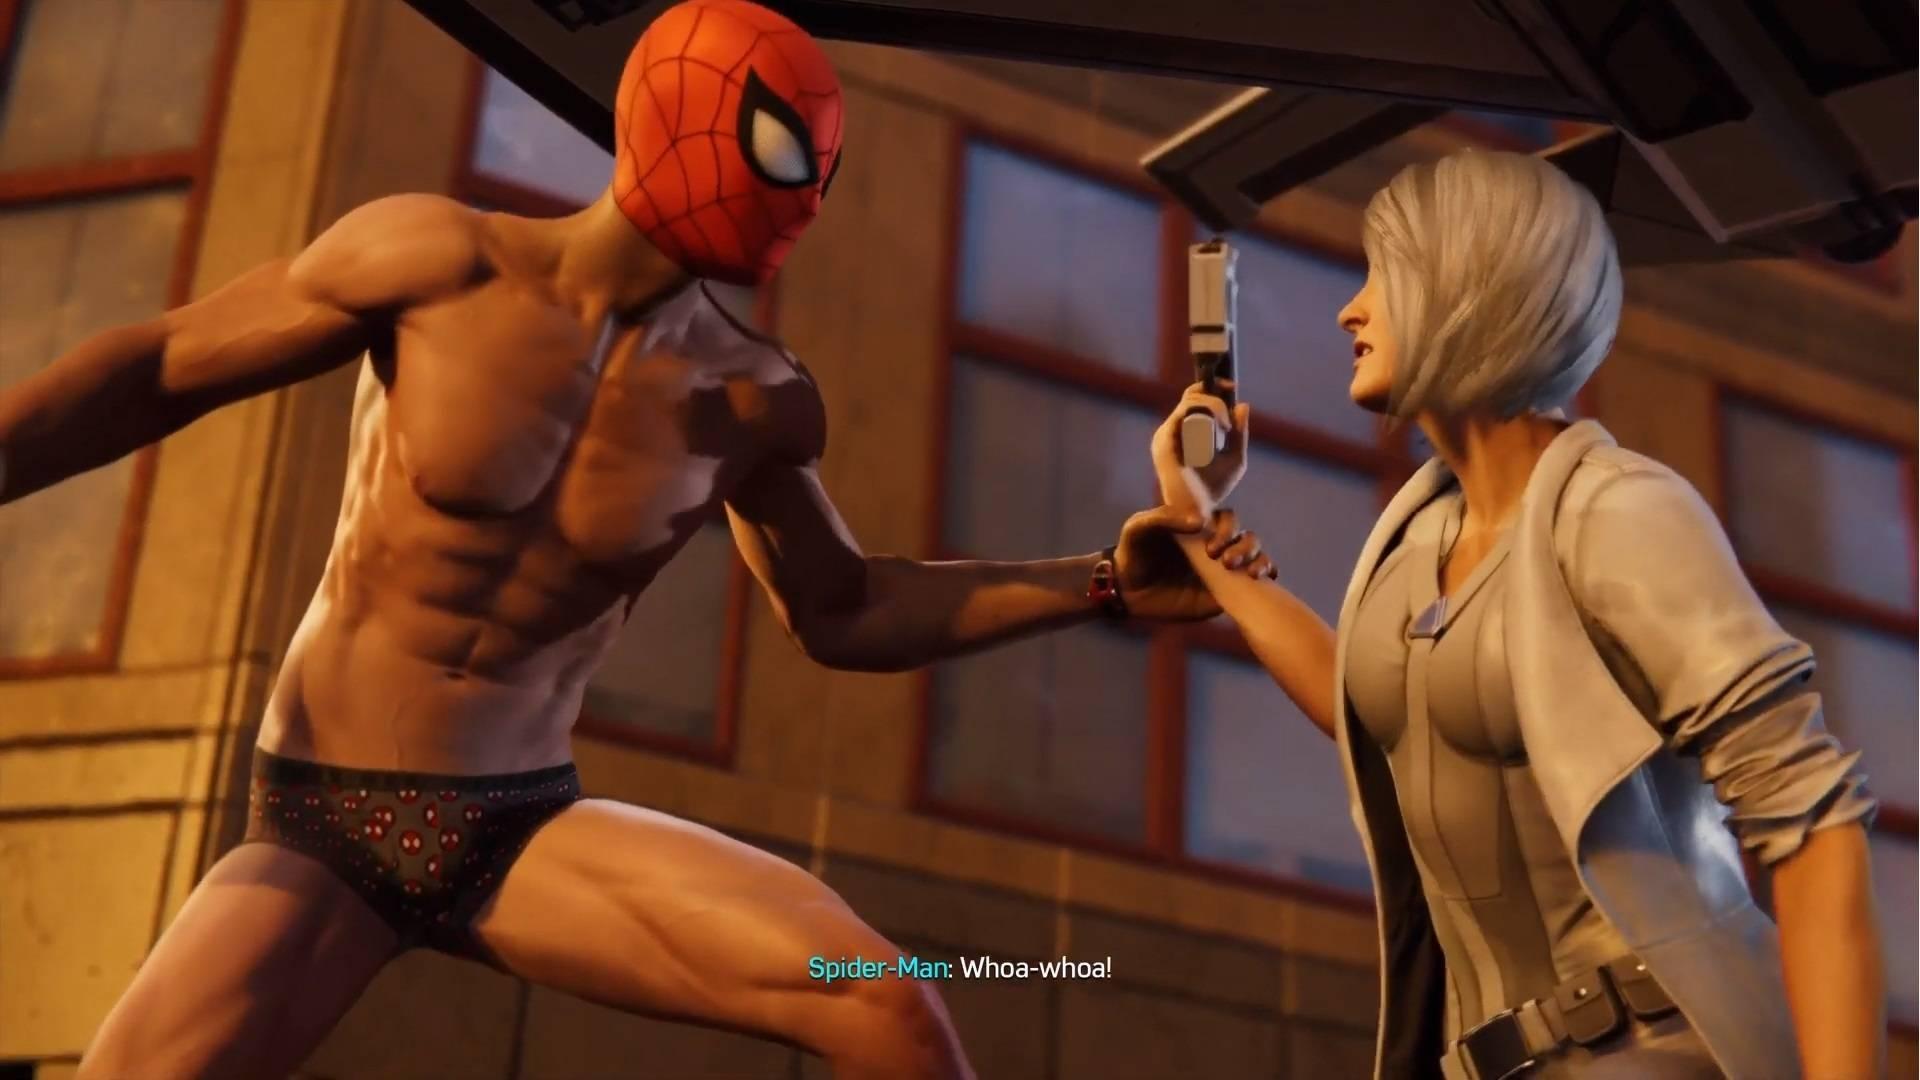 《蜘蛛侠:迈尔斯莫拉莱斯》发售有望捆绑前作加强版